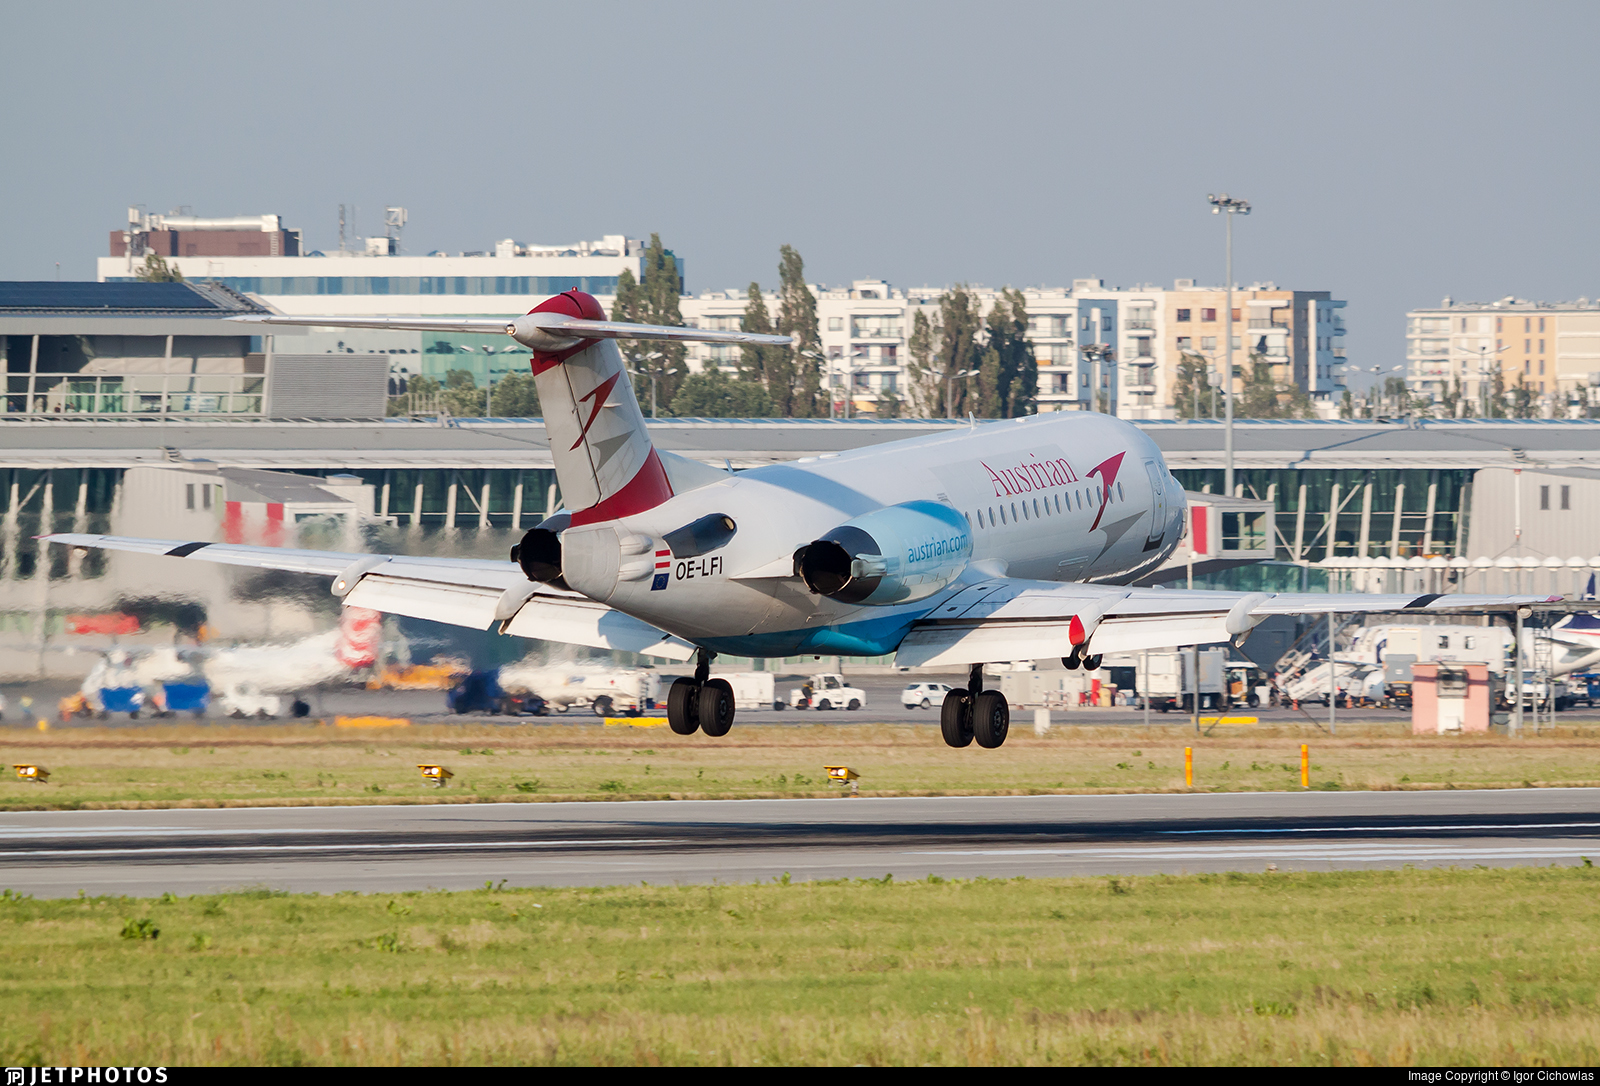 OE-LFI - Fokker 70 - Austrian Airlines